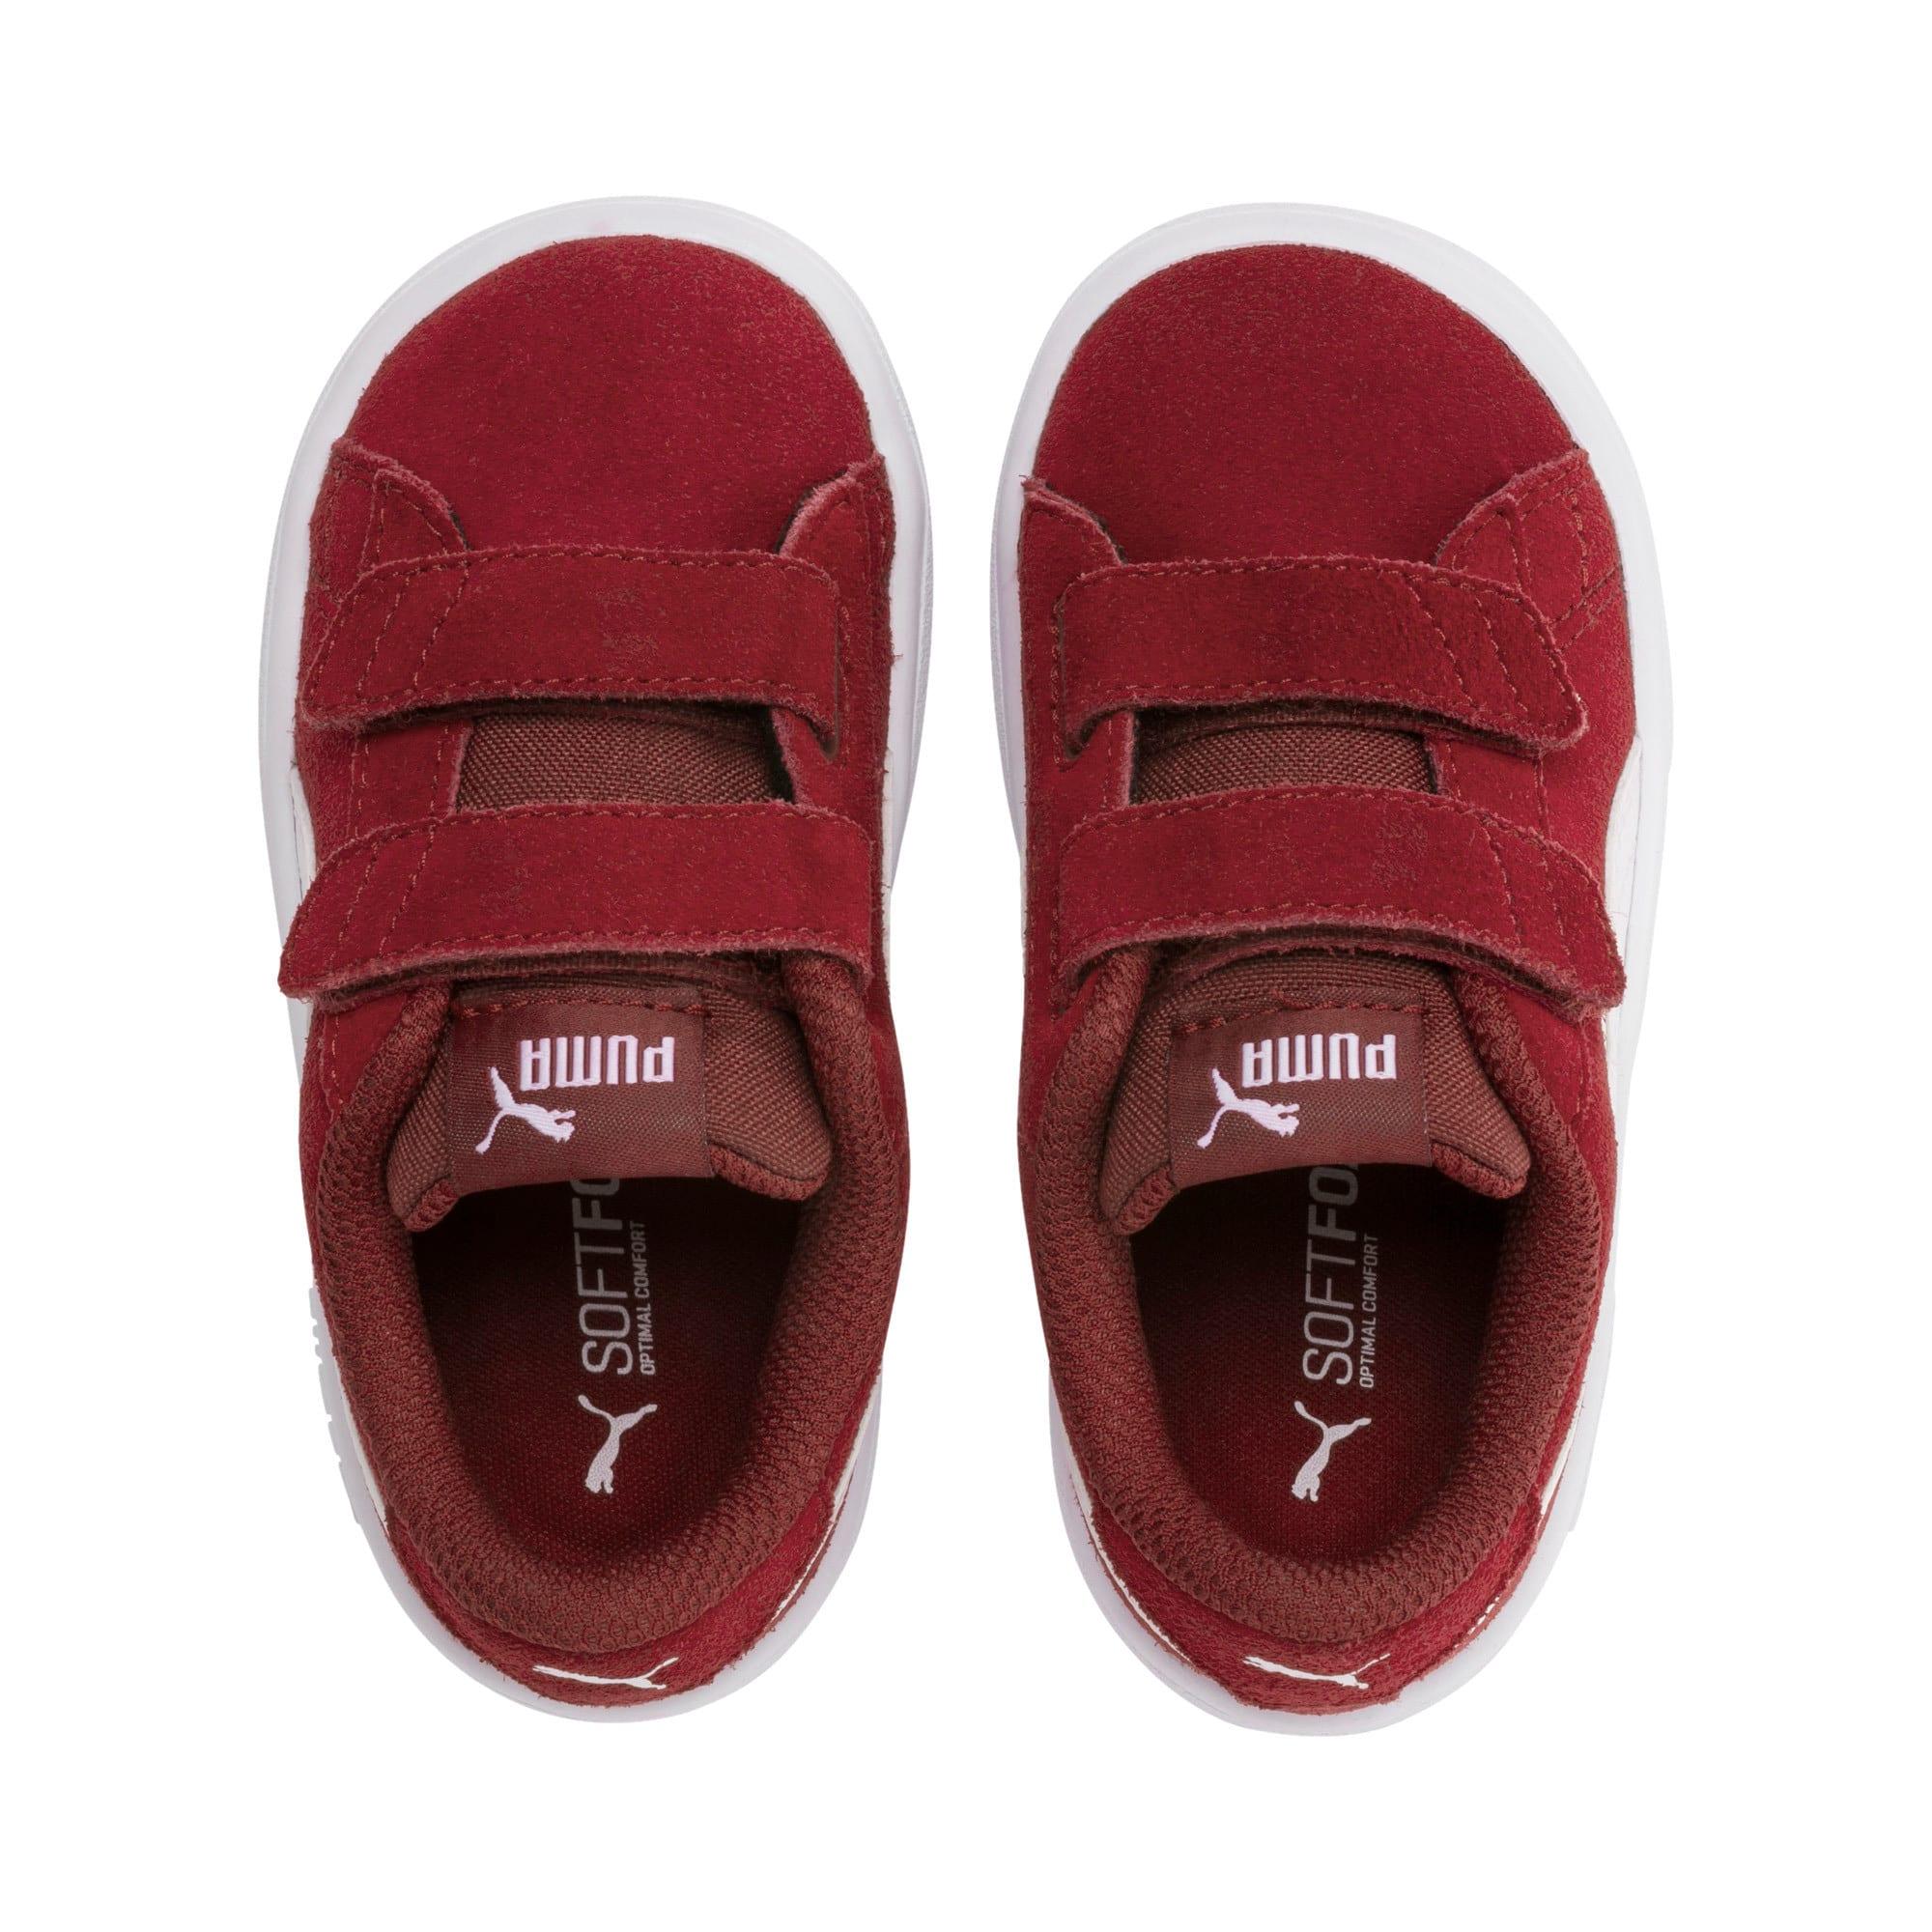 Thumbnail 6 of PUMA Smash v2 Suede Toddler Shoes, Rhubarb-Puma White, medium